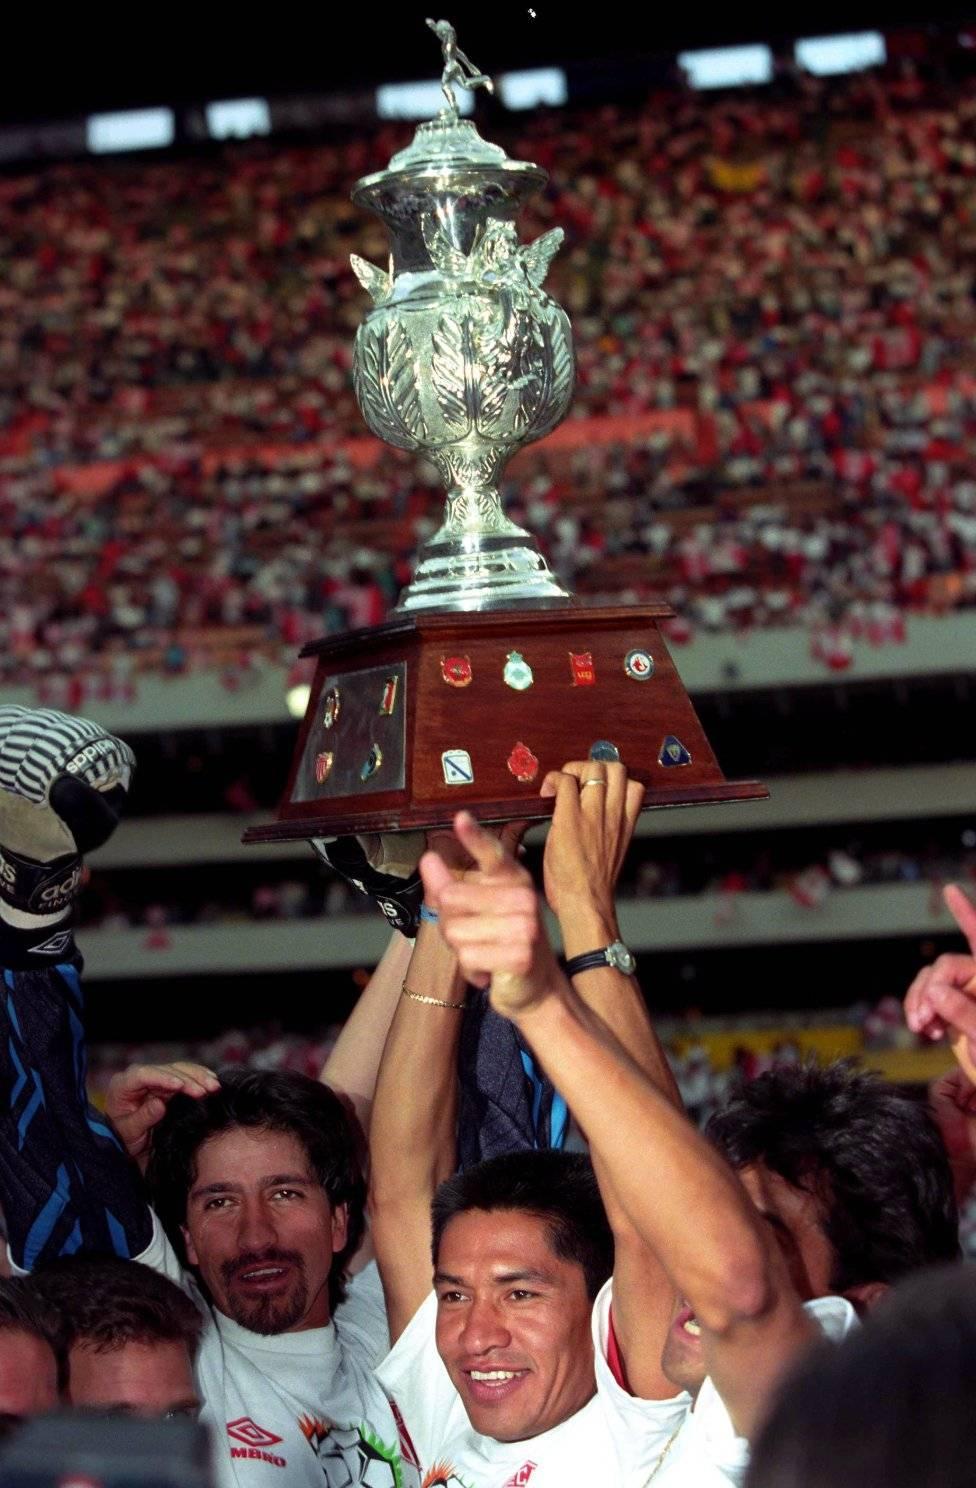 Ignacio Ambriz Actualmente el entrenador del Necaxa, siendo un o de los jugadores más emblemáticos dentro del equipo de 1983 al 2001 Ignacio Ambriz. / Mexport